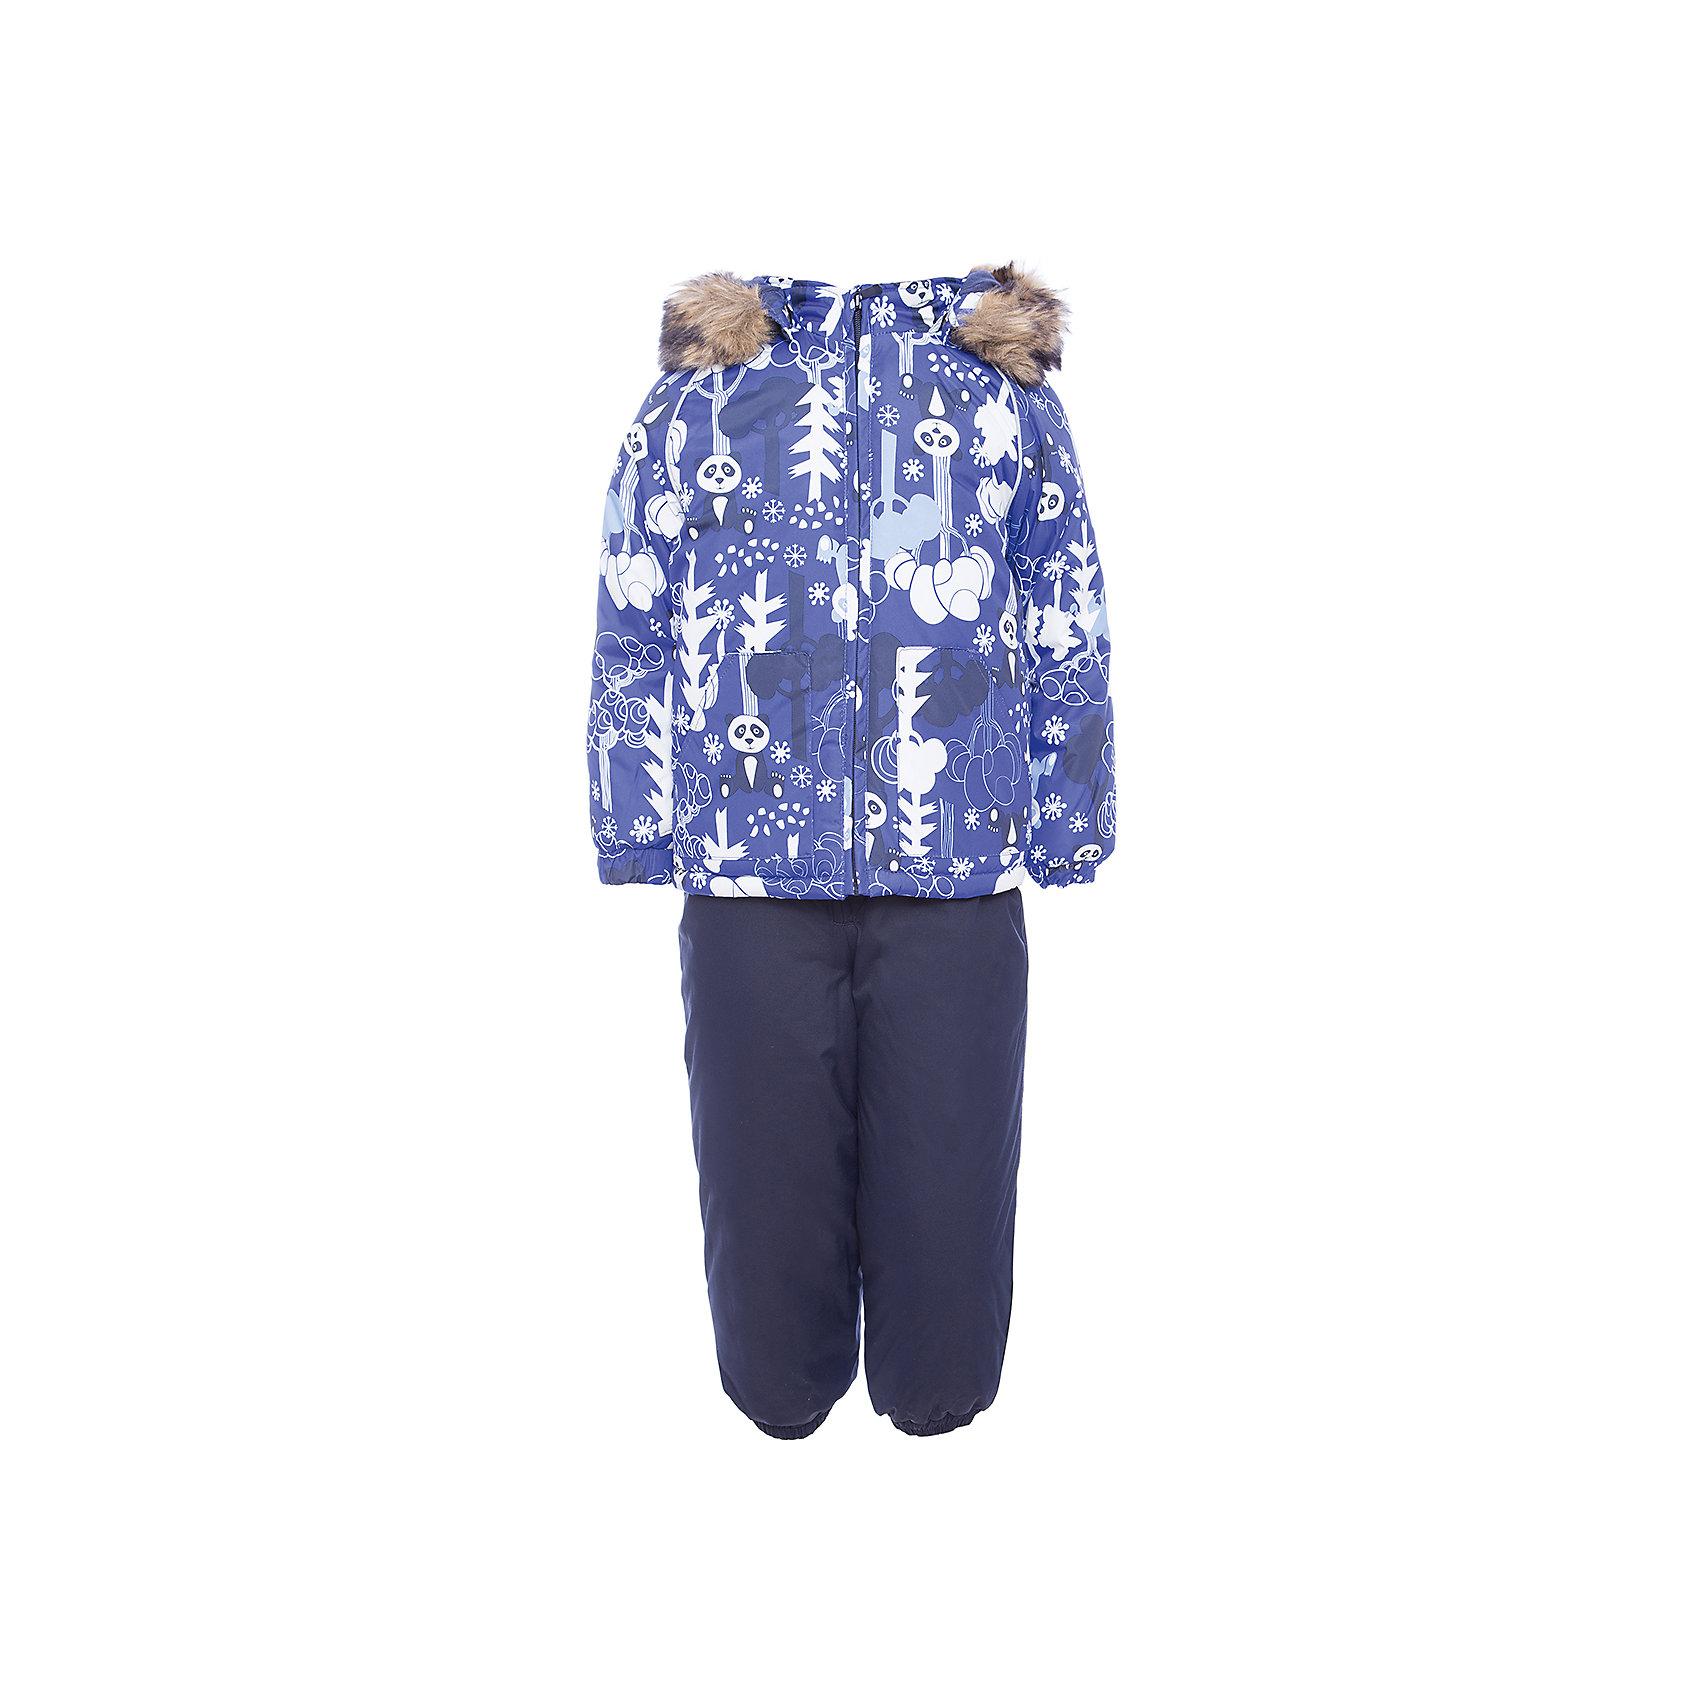 Комплект: куртка и брюки AVERY HuppaВерхняя одежда<br>Комплект для малышей  AVERY.Водо и воздухонепроницаемость 5 000 куртка / 10 000 брюки. Утеплитель 300 гр куртка/160 гр брюки. Подкладка фланель 100% хлопок.Отстегивающийся капюшон с мехом.Манжеты рукавов на резинке. Манжеты брюк на резинке.Добавлены петли для ступней.Резиновые подтяжки.Имеются светоотражательные элементы.<br>Состав:<br>100% Полиэстер<br><br>Ширина мм: 356<br>Глубина мм: 10<br>Высота мм: 245<br>Вес г: 519<br>Цвет: синий<br>Возраст от месяцев: 36<br>Возраст до месяцев: 48<br>Пол: Унисекс<br>Возраст: Детский<br>Размер: 104,80,86,92,98<br>SKU: 7027018